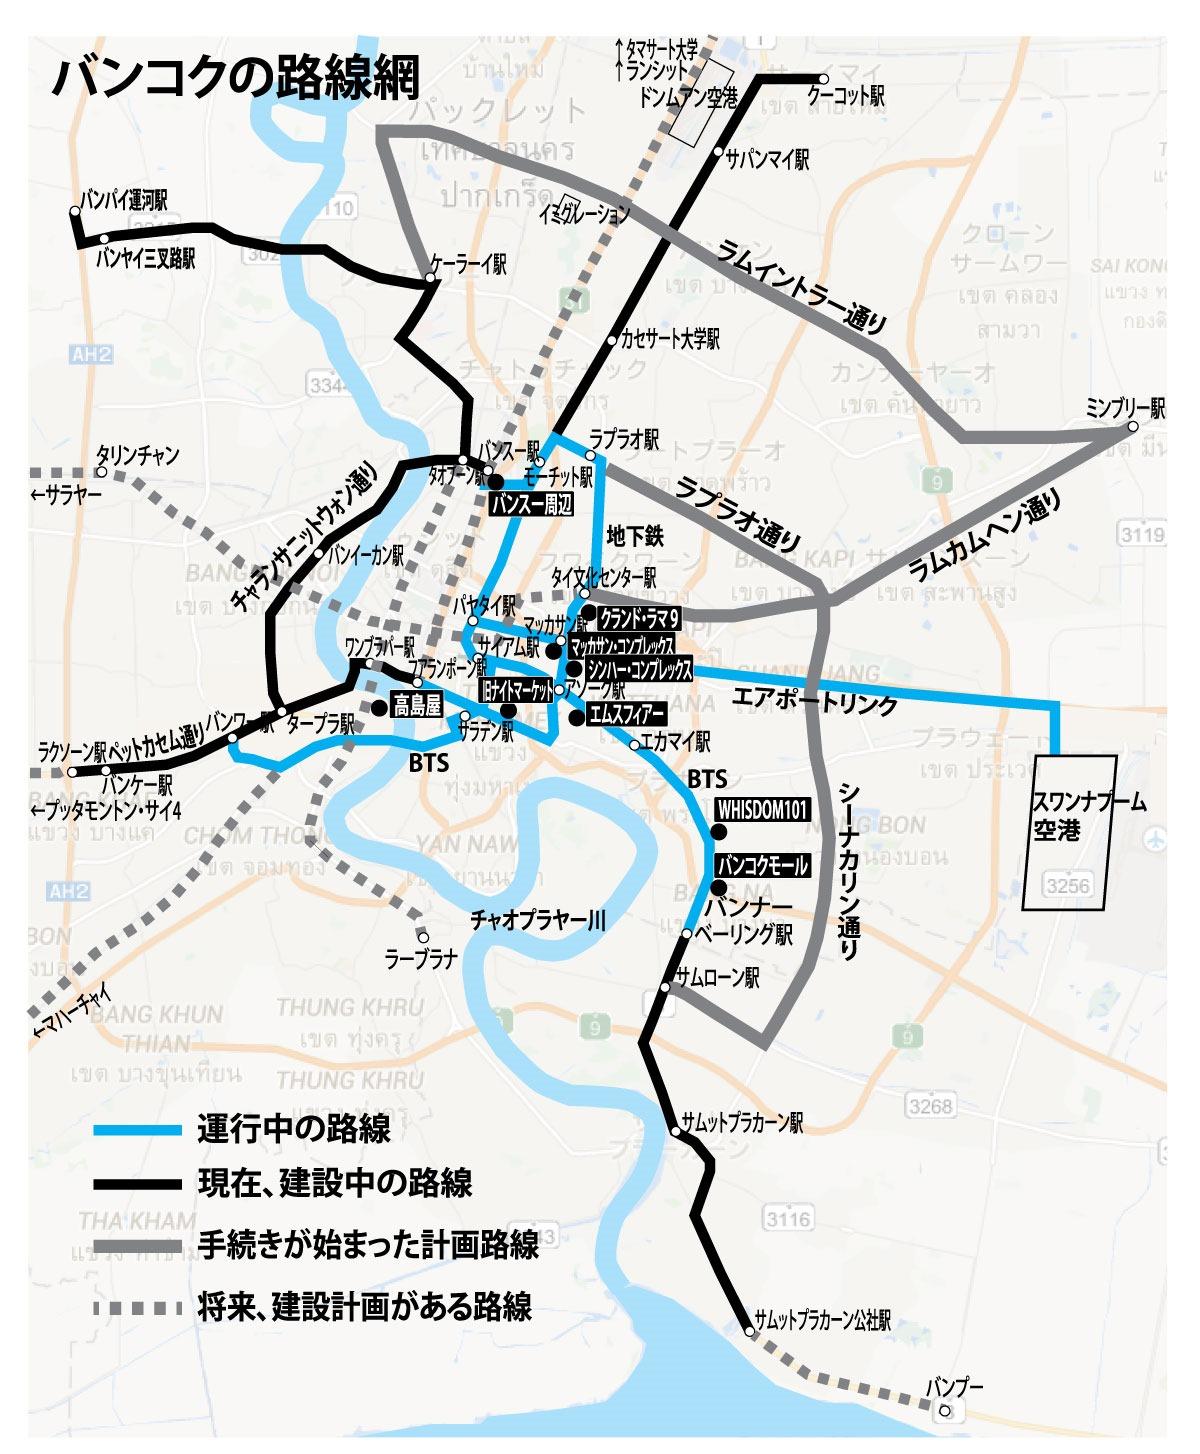 バンコク都内の路線は10年後には網の目の路線網へ